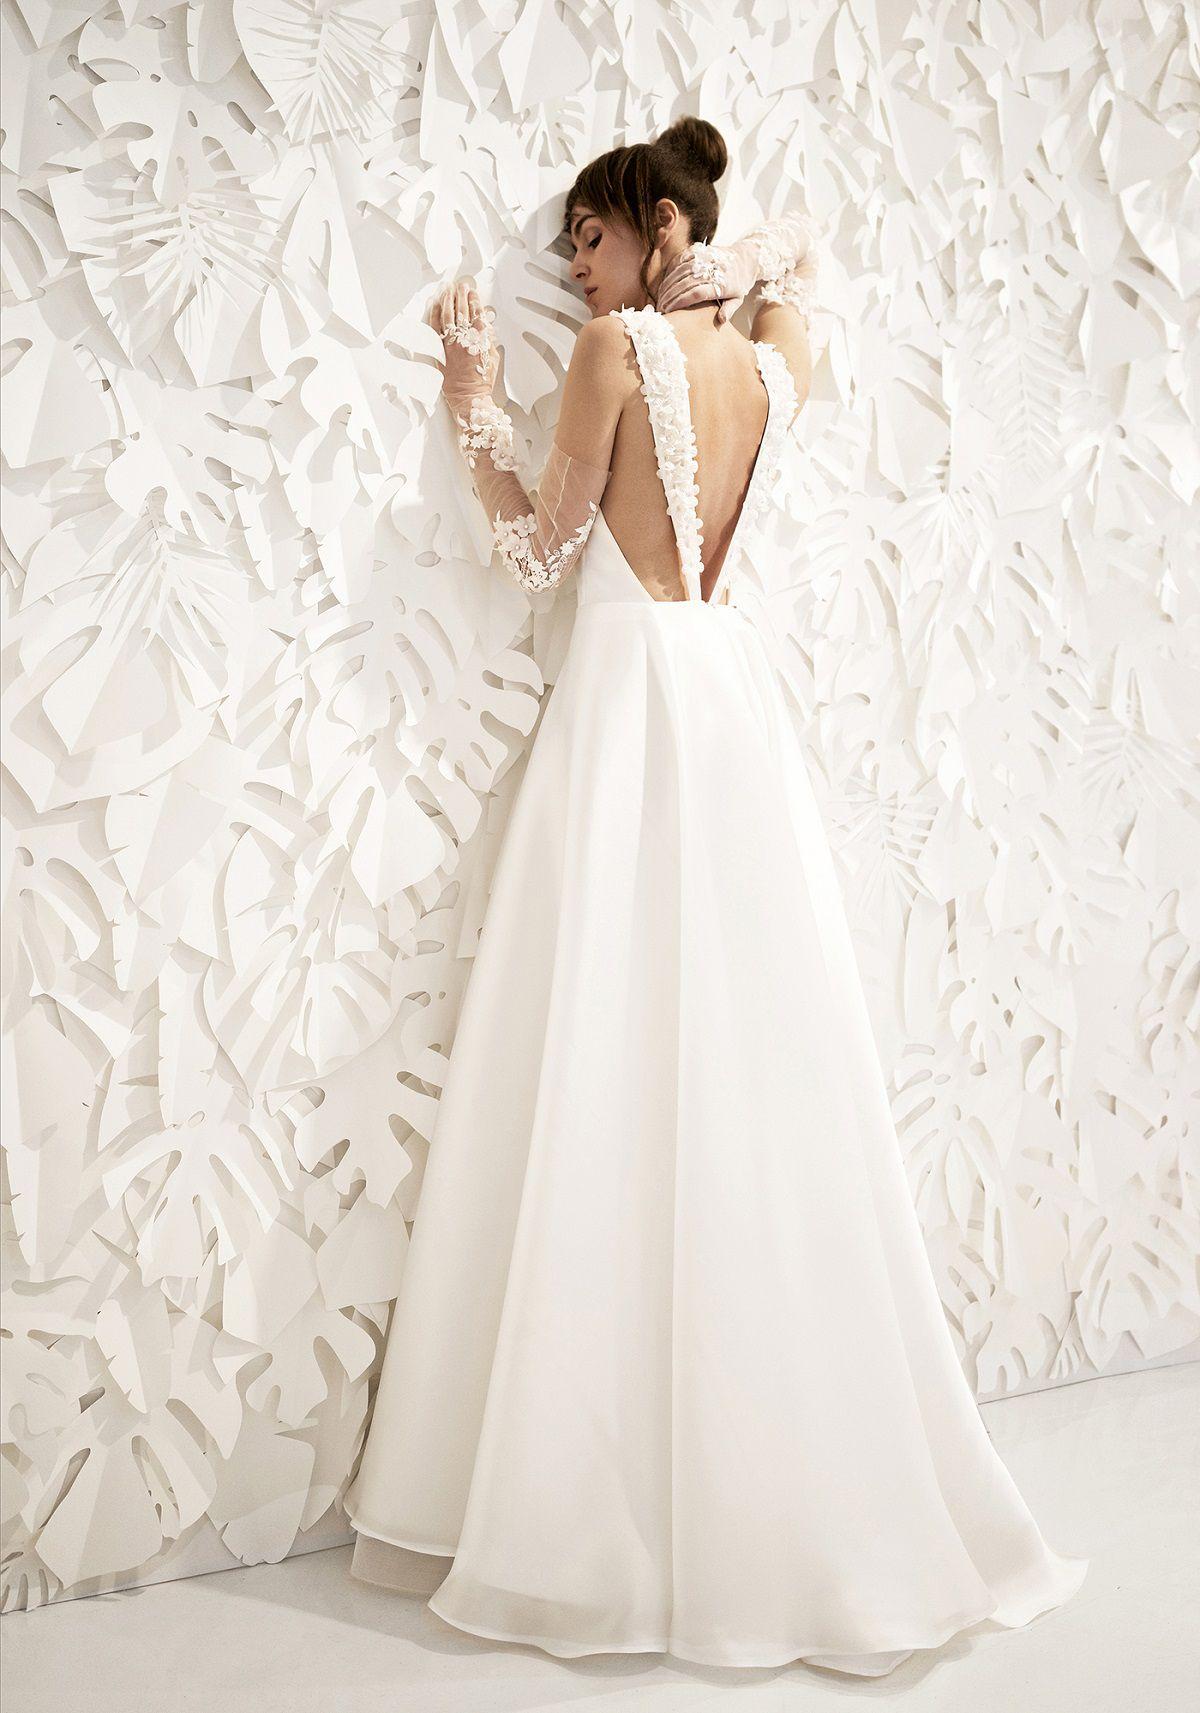 eNVy room predstavio najveću kolekciju vjenčanica do sada... I stvarno prekrasnu!